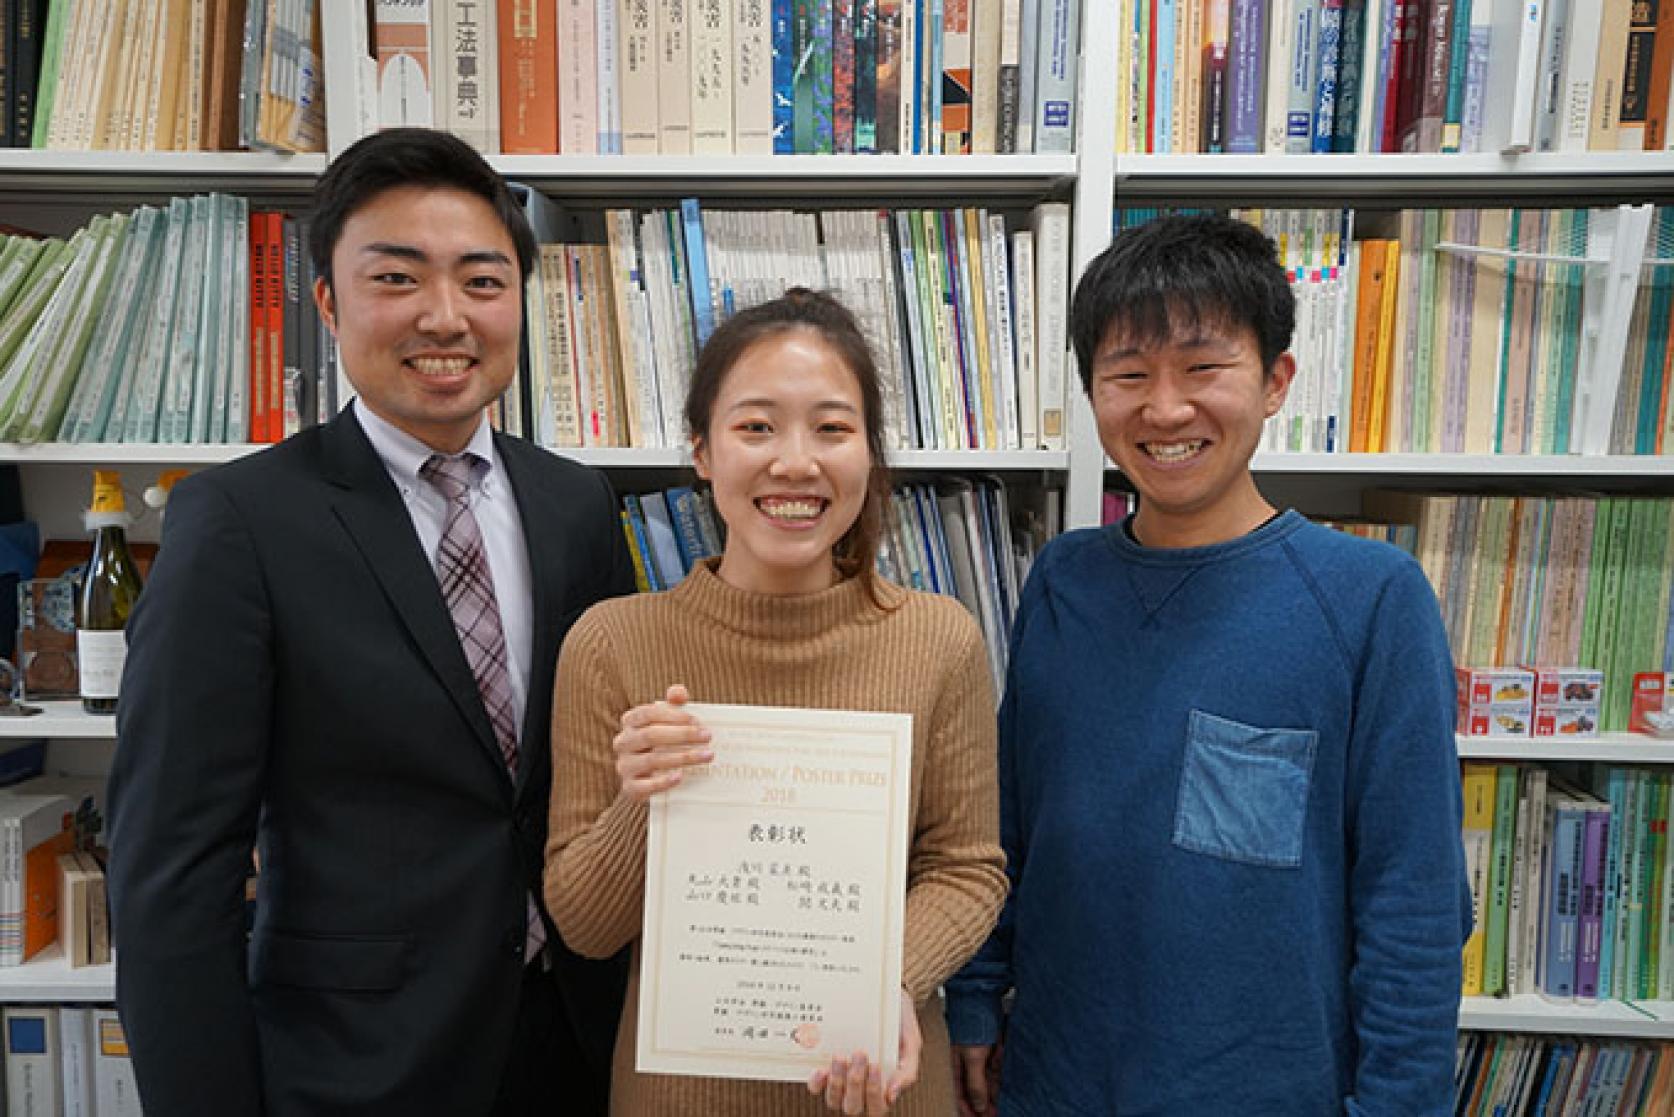 土木工学科の構造・デザイン研究室の学生達が「第14回土木学会景観・デザイン研究発表会」において、優秀ポスター賞を受賞しました。